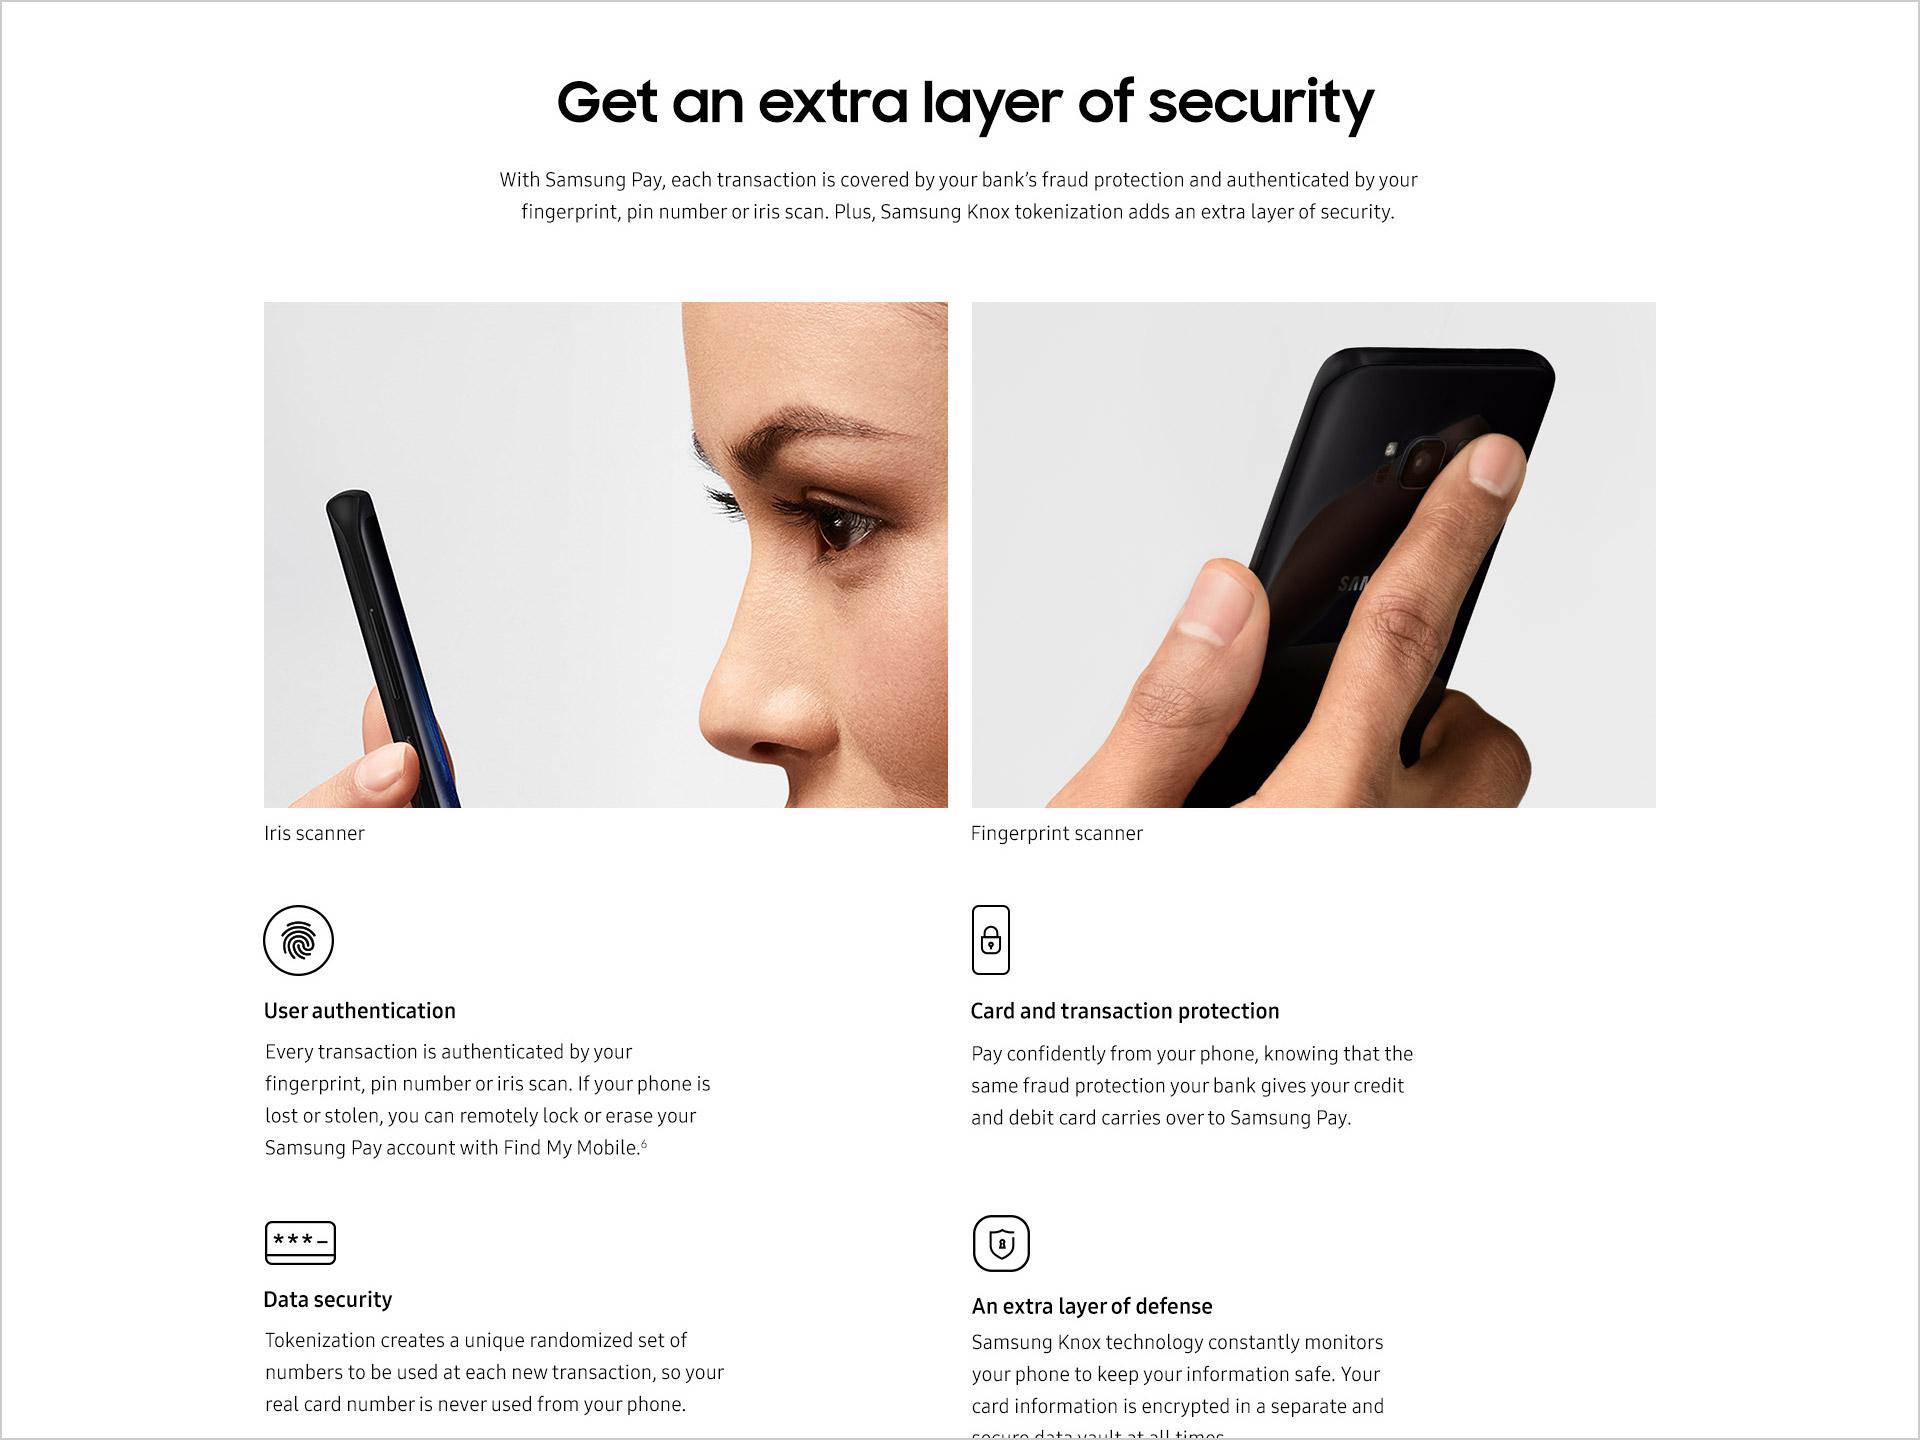 Samsung_Galaxy_S8_Web_Pay_2.jpg